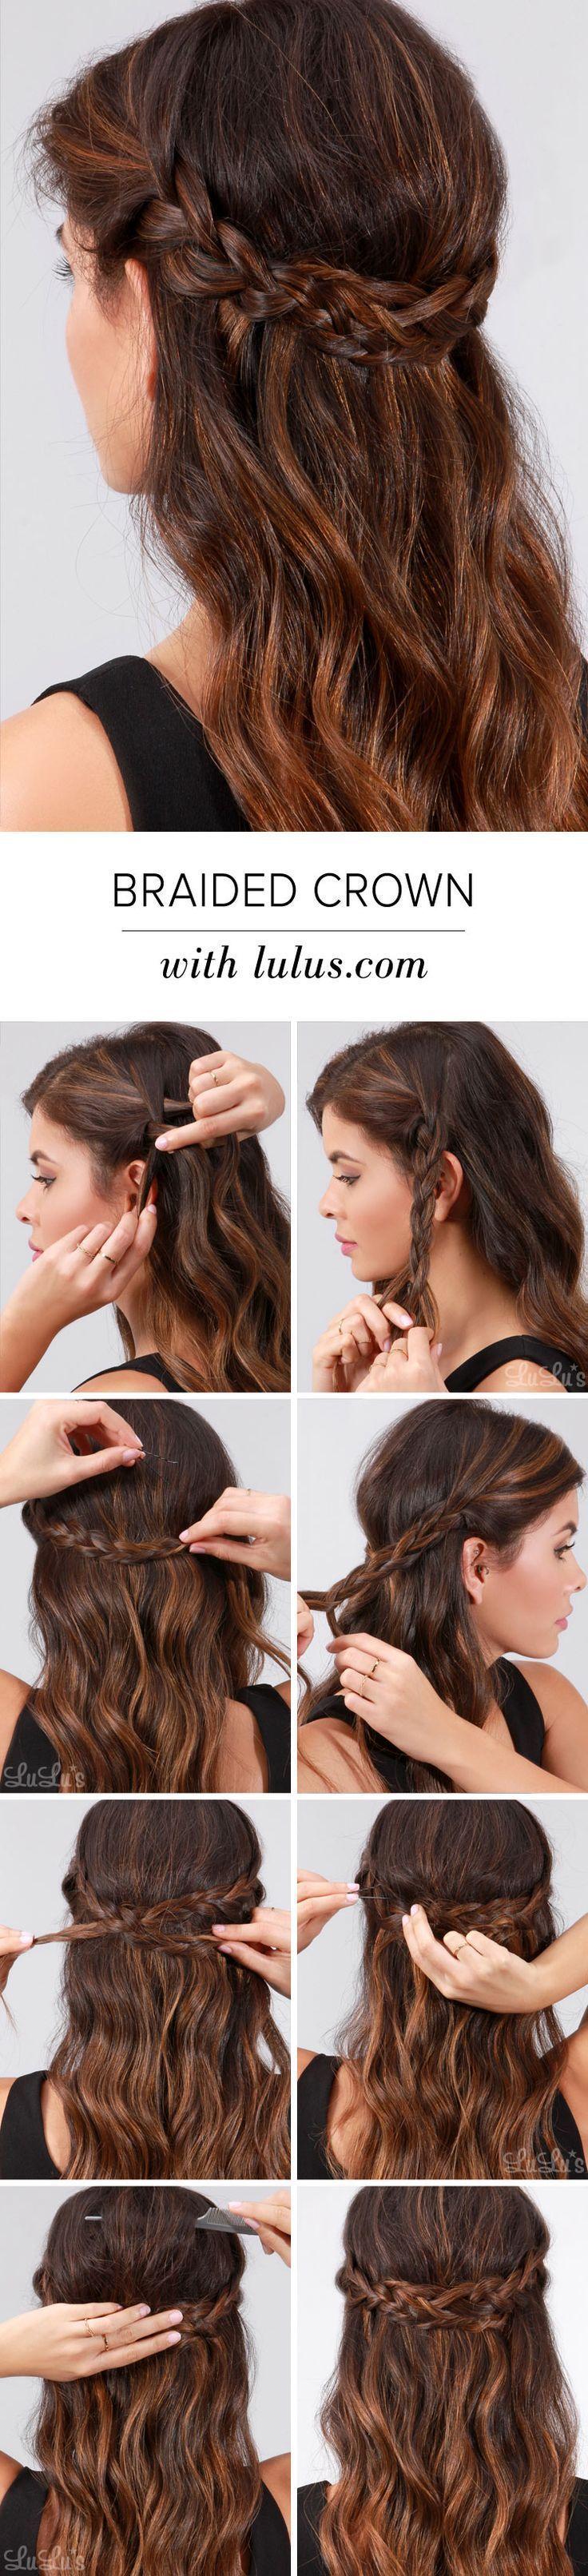 1469 best hair images on Pinterest